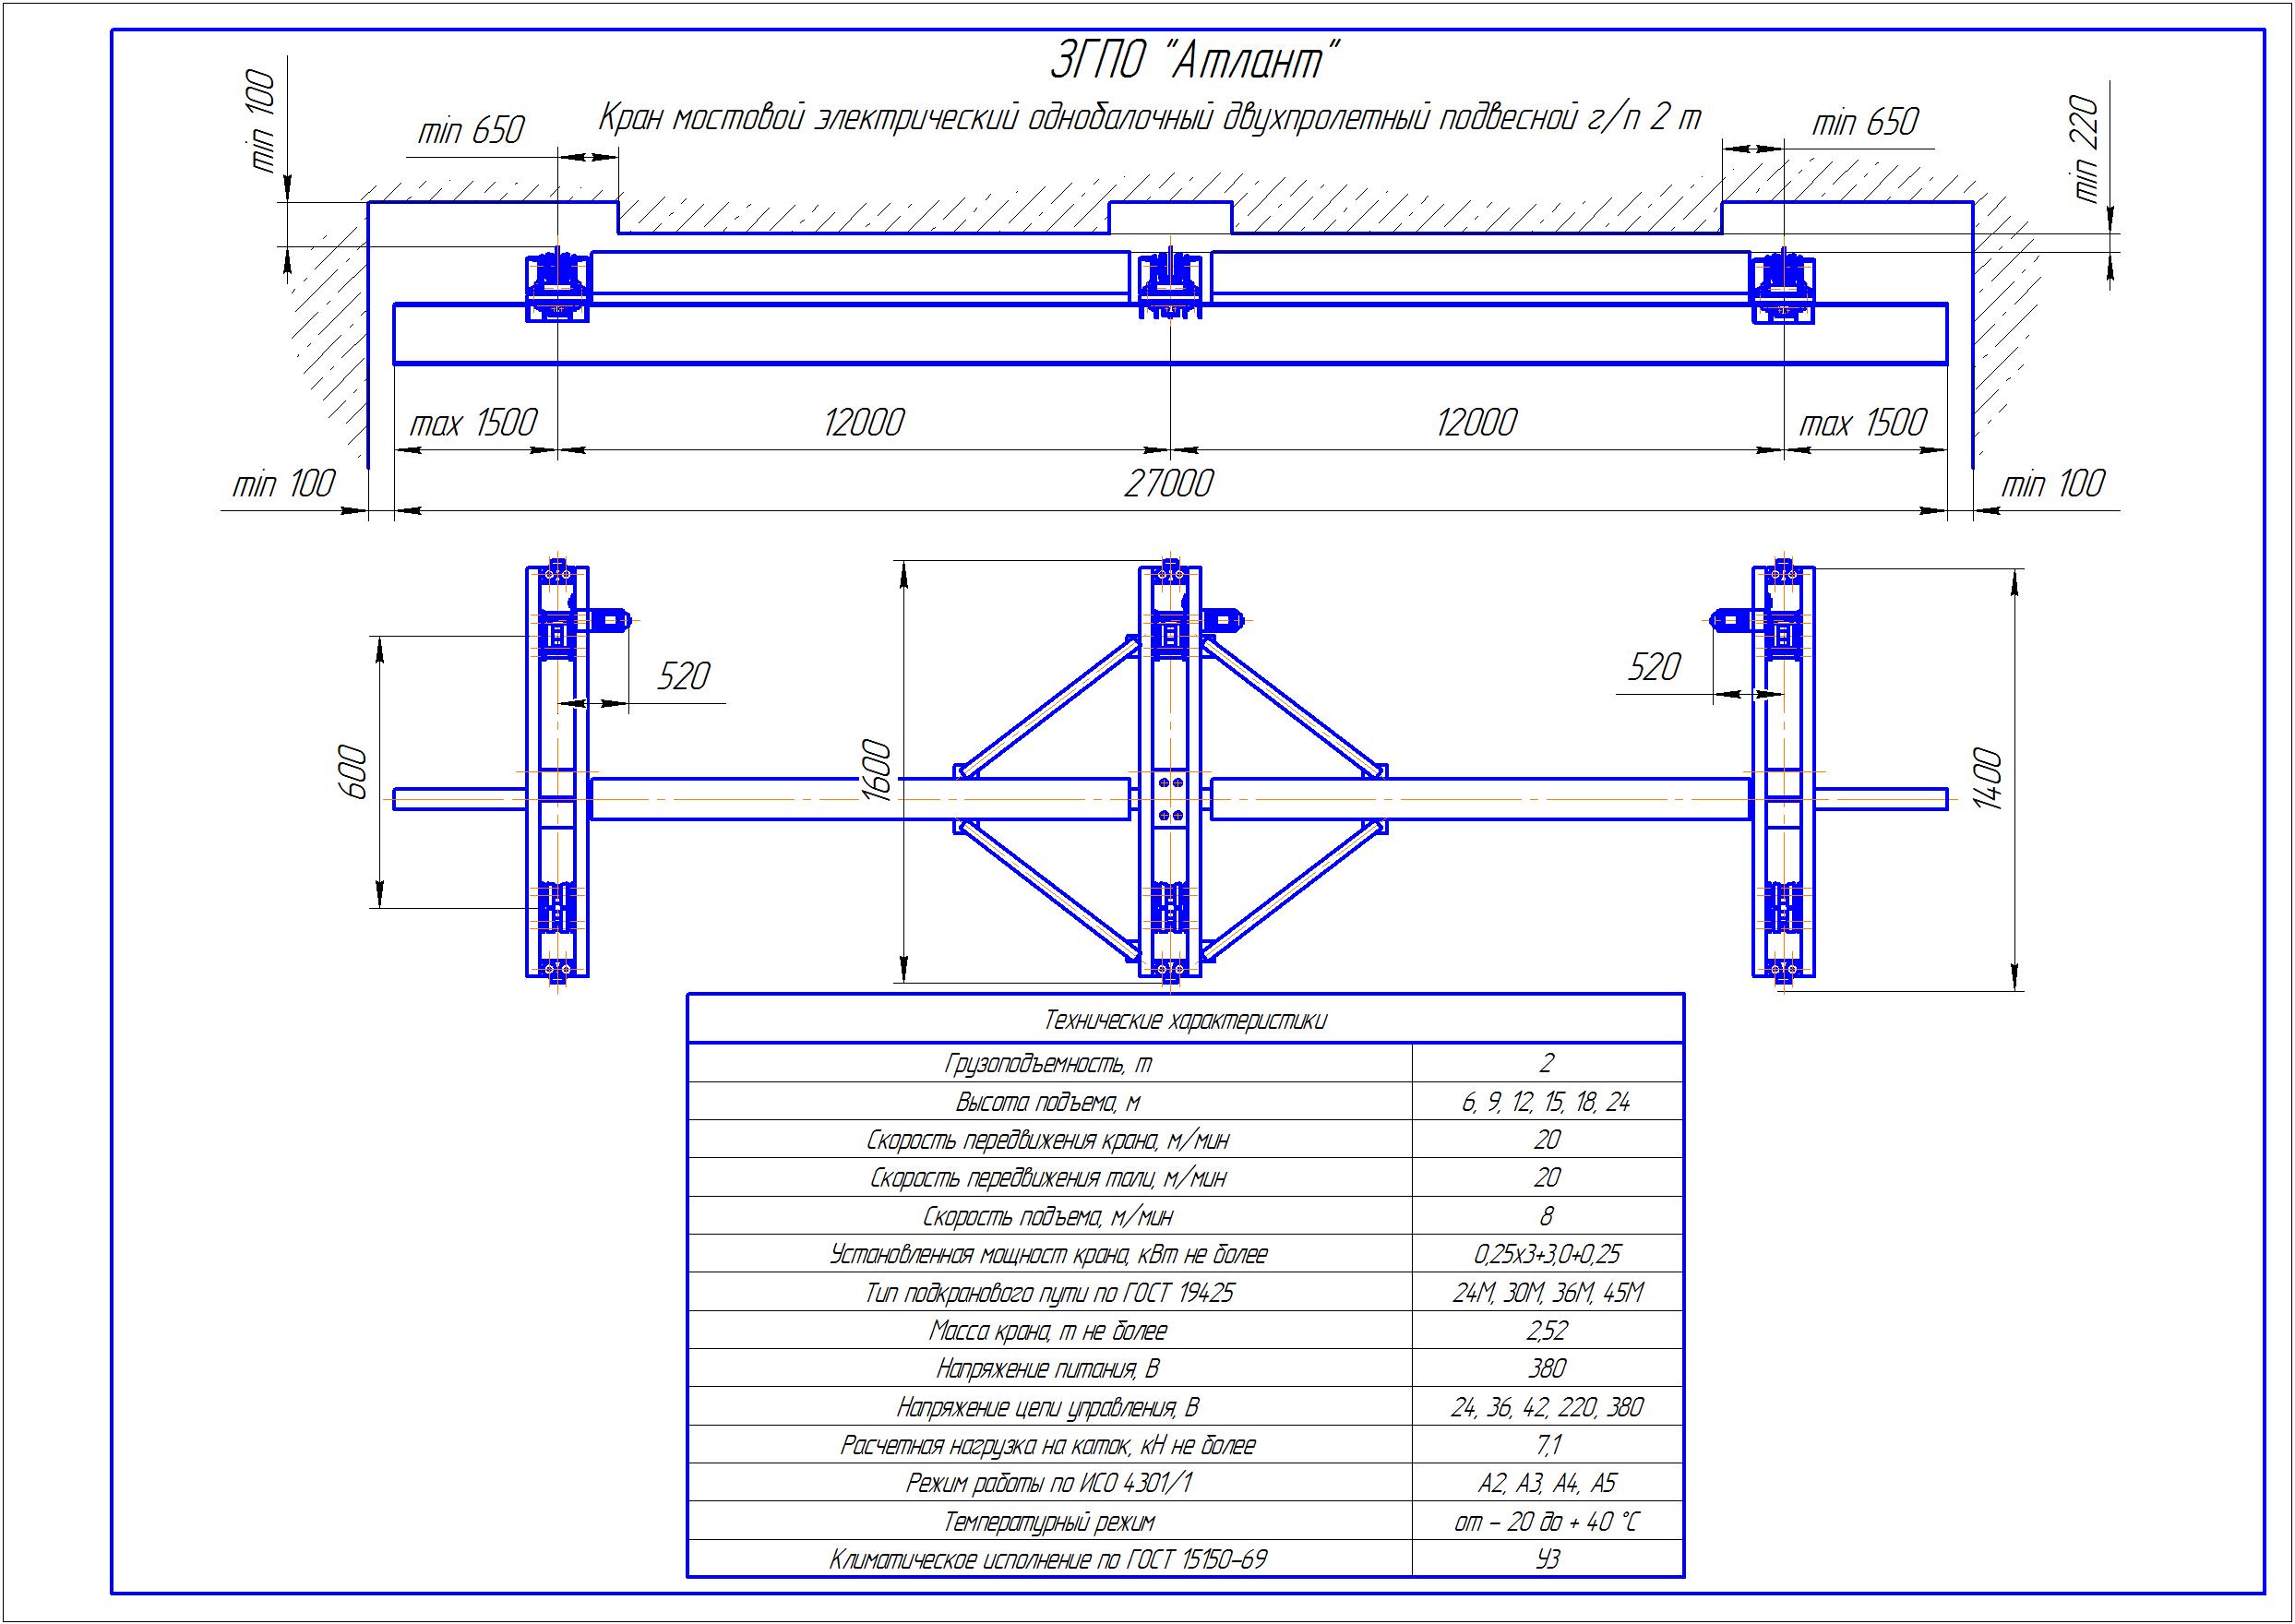 KBPD 2 4 - Подвесная кран балка двухпролетная